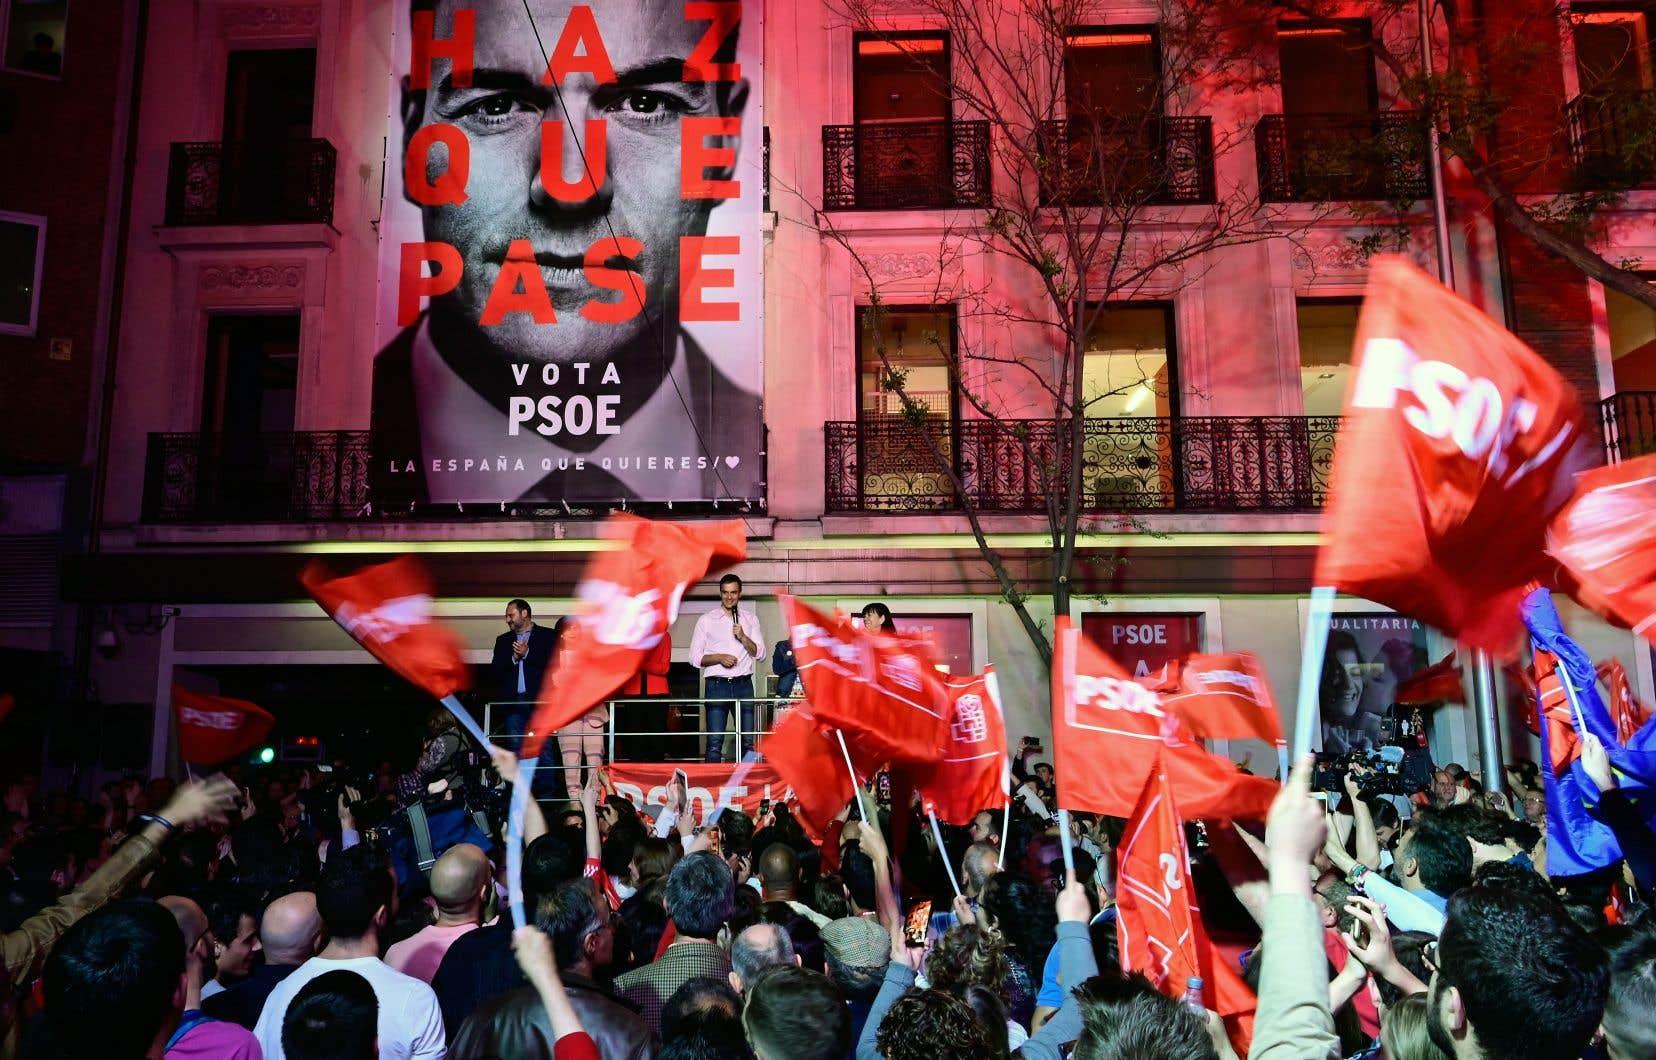 Le Parti socialiste ouvrier espagnol, dirigé par Pedro Sánchez (en chemise blanche sur la photo), a recueilli près de 29% des voix.